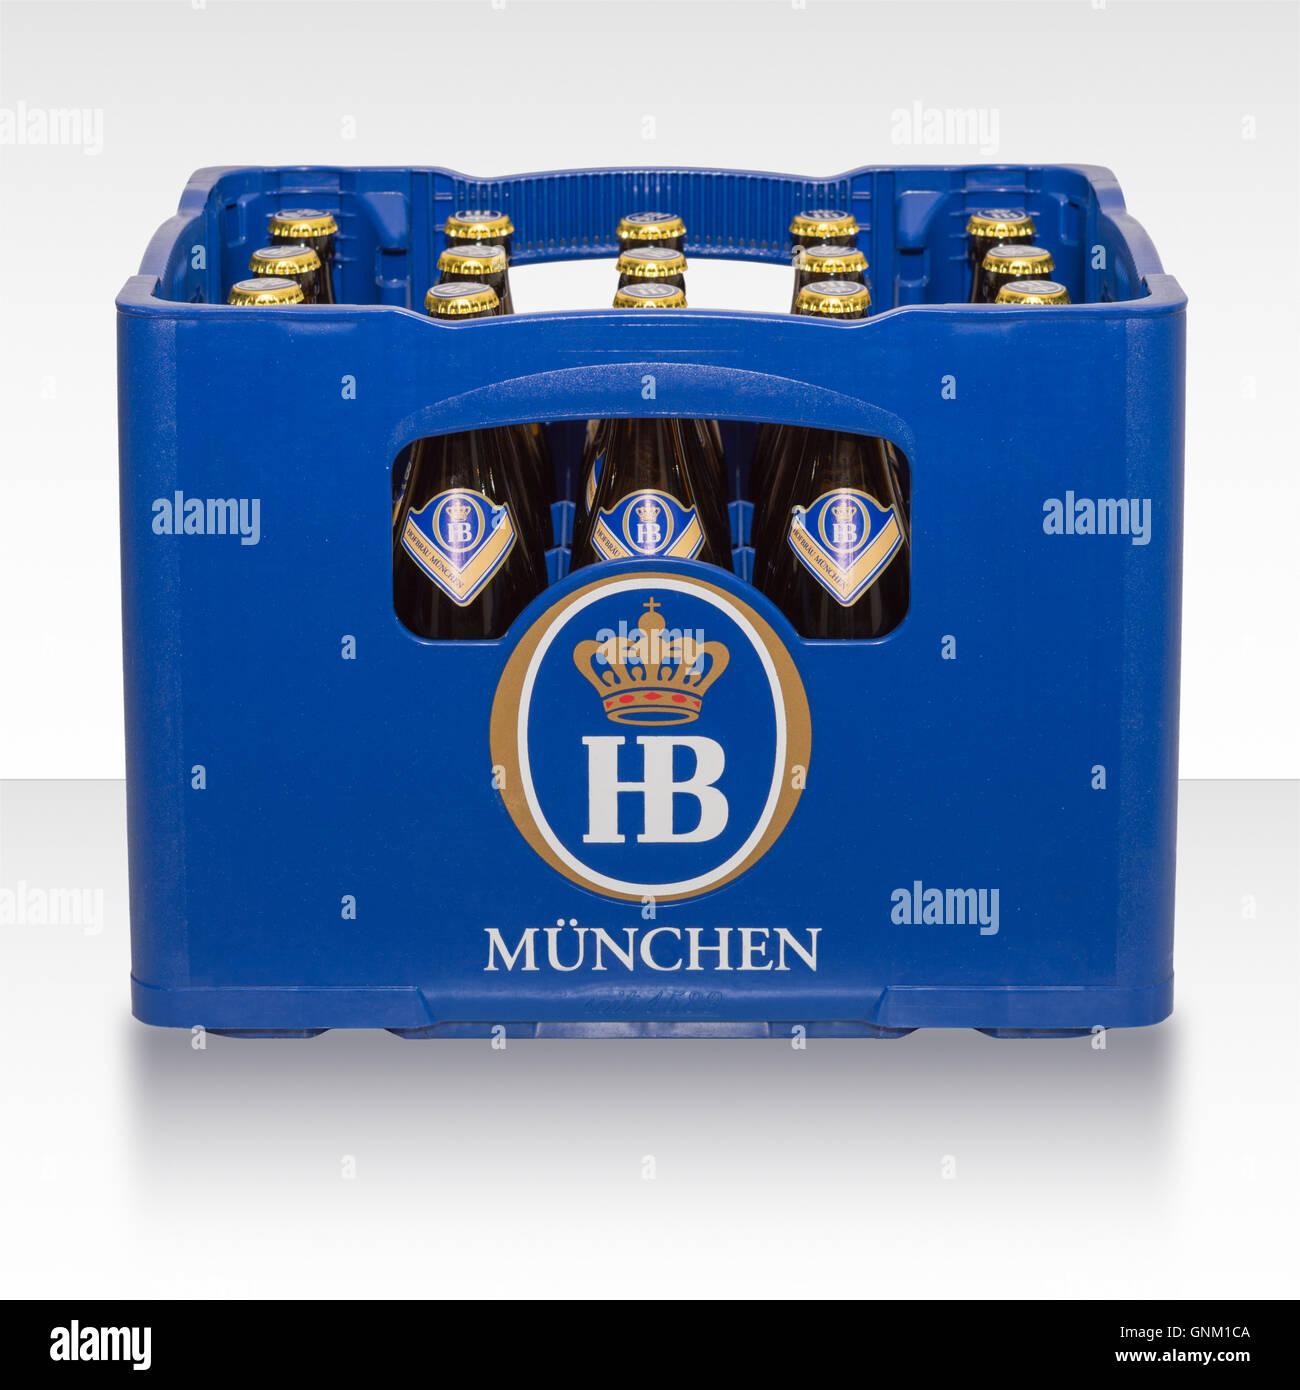 caisse en plastique de la bote de bire allemande classique traditionnelle de brasserie bavaroise munich hb - Caisse Biere Plastique